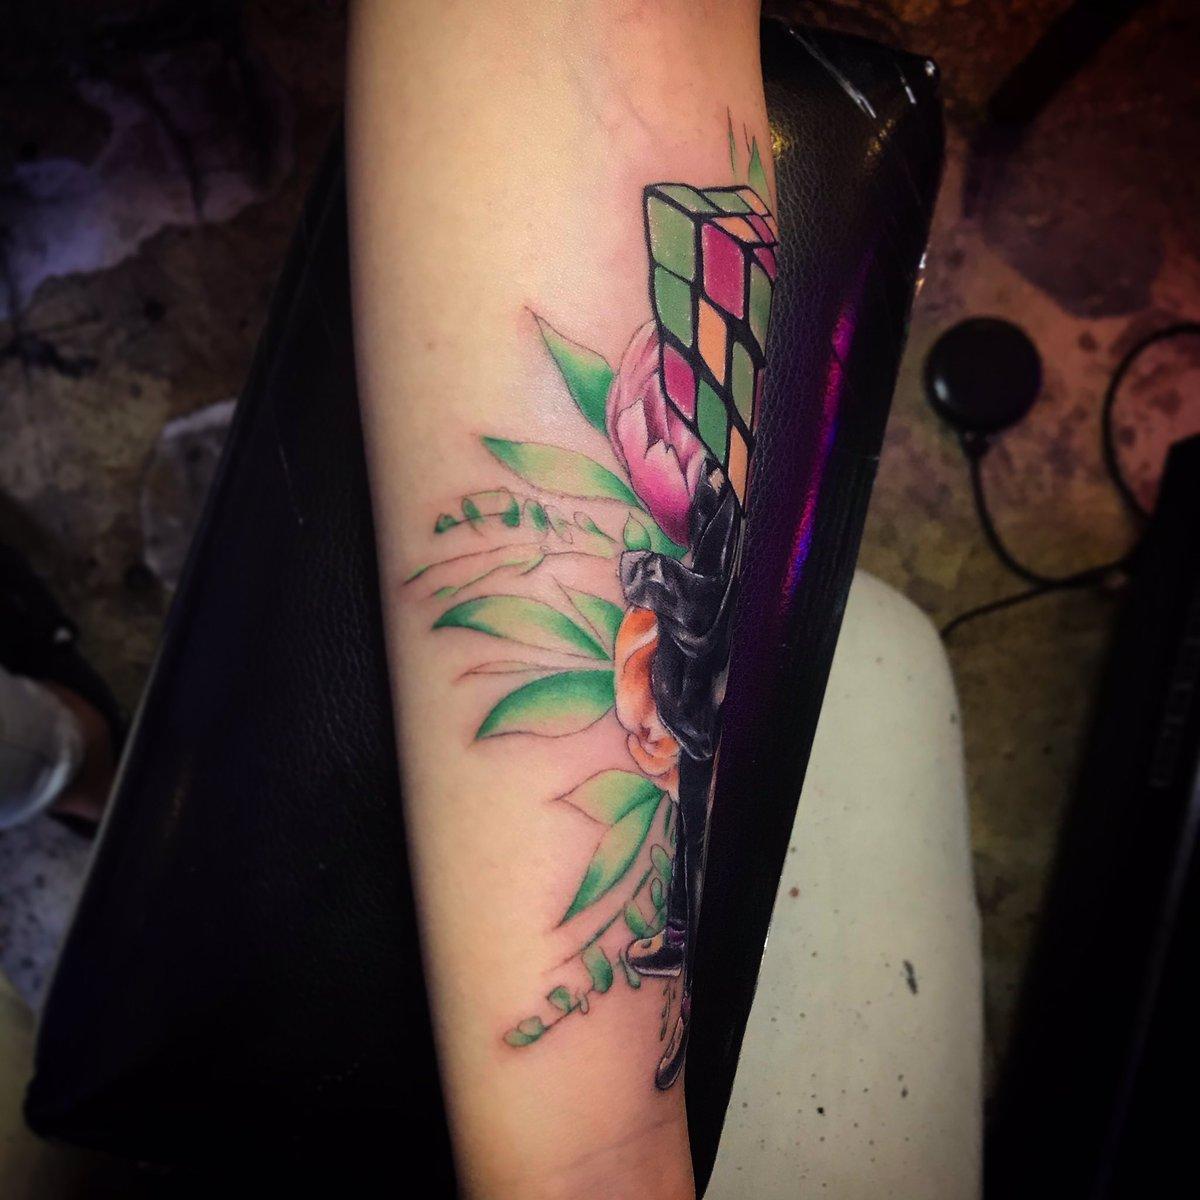 #tattooideas #tattooing #tattoostyle #tattoomodel #tattooed #tattooedgirls #tattoolife #tattooer #tattooart #tattoodesign #drawing #drawings #刺青 #紋身 #香港紋身店 #香港紋身 #hongkong #hongkongtattoo #hktattoo #hktattooshop #artist #art #artwork #tattoosleeve #tattoo2me